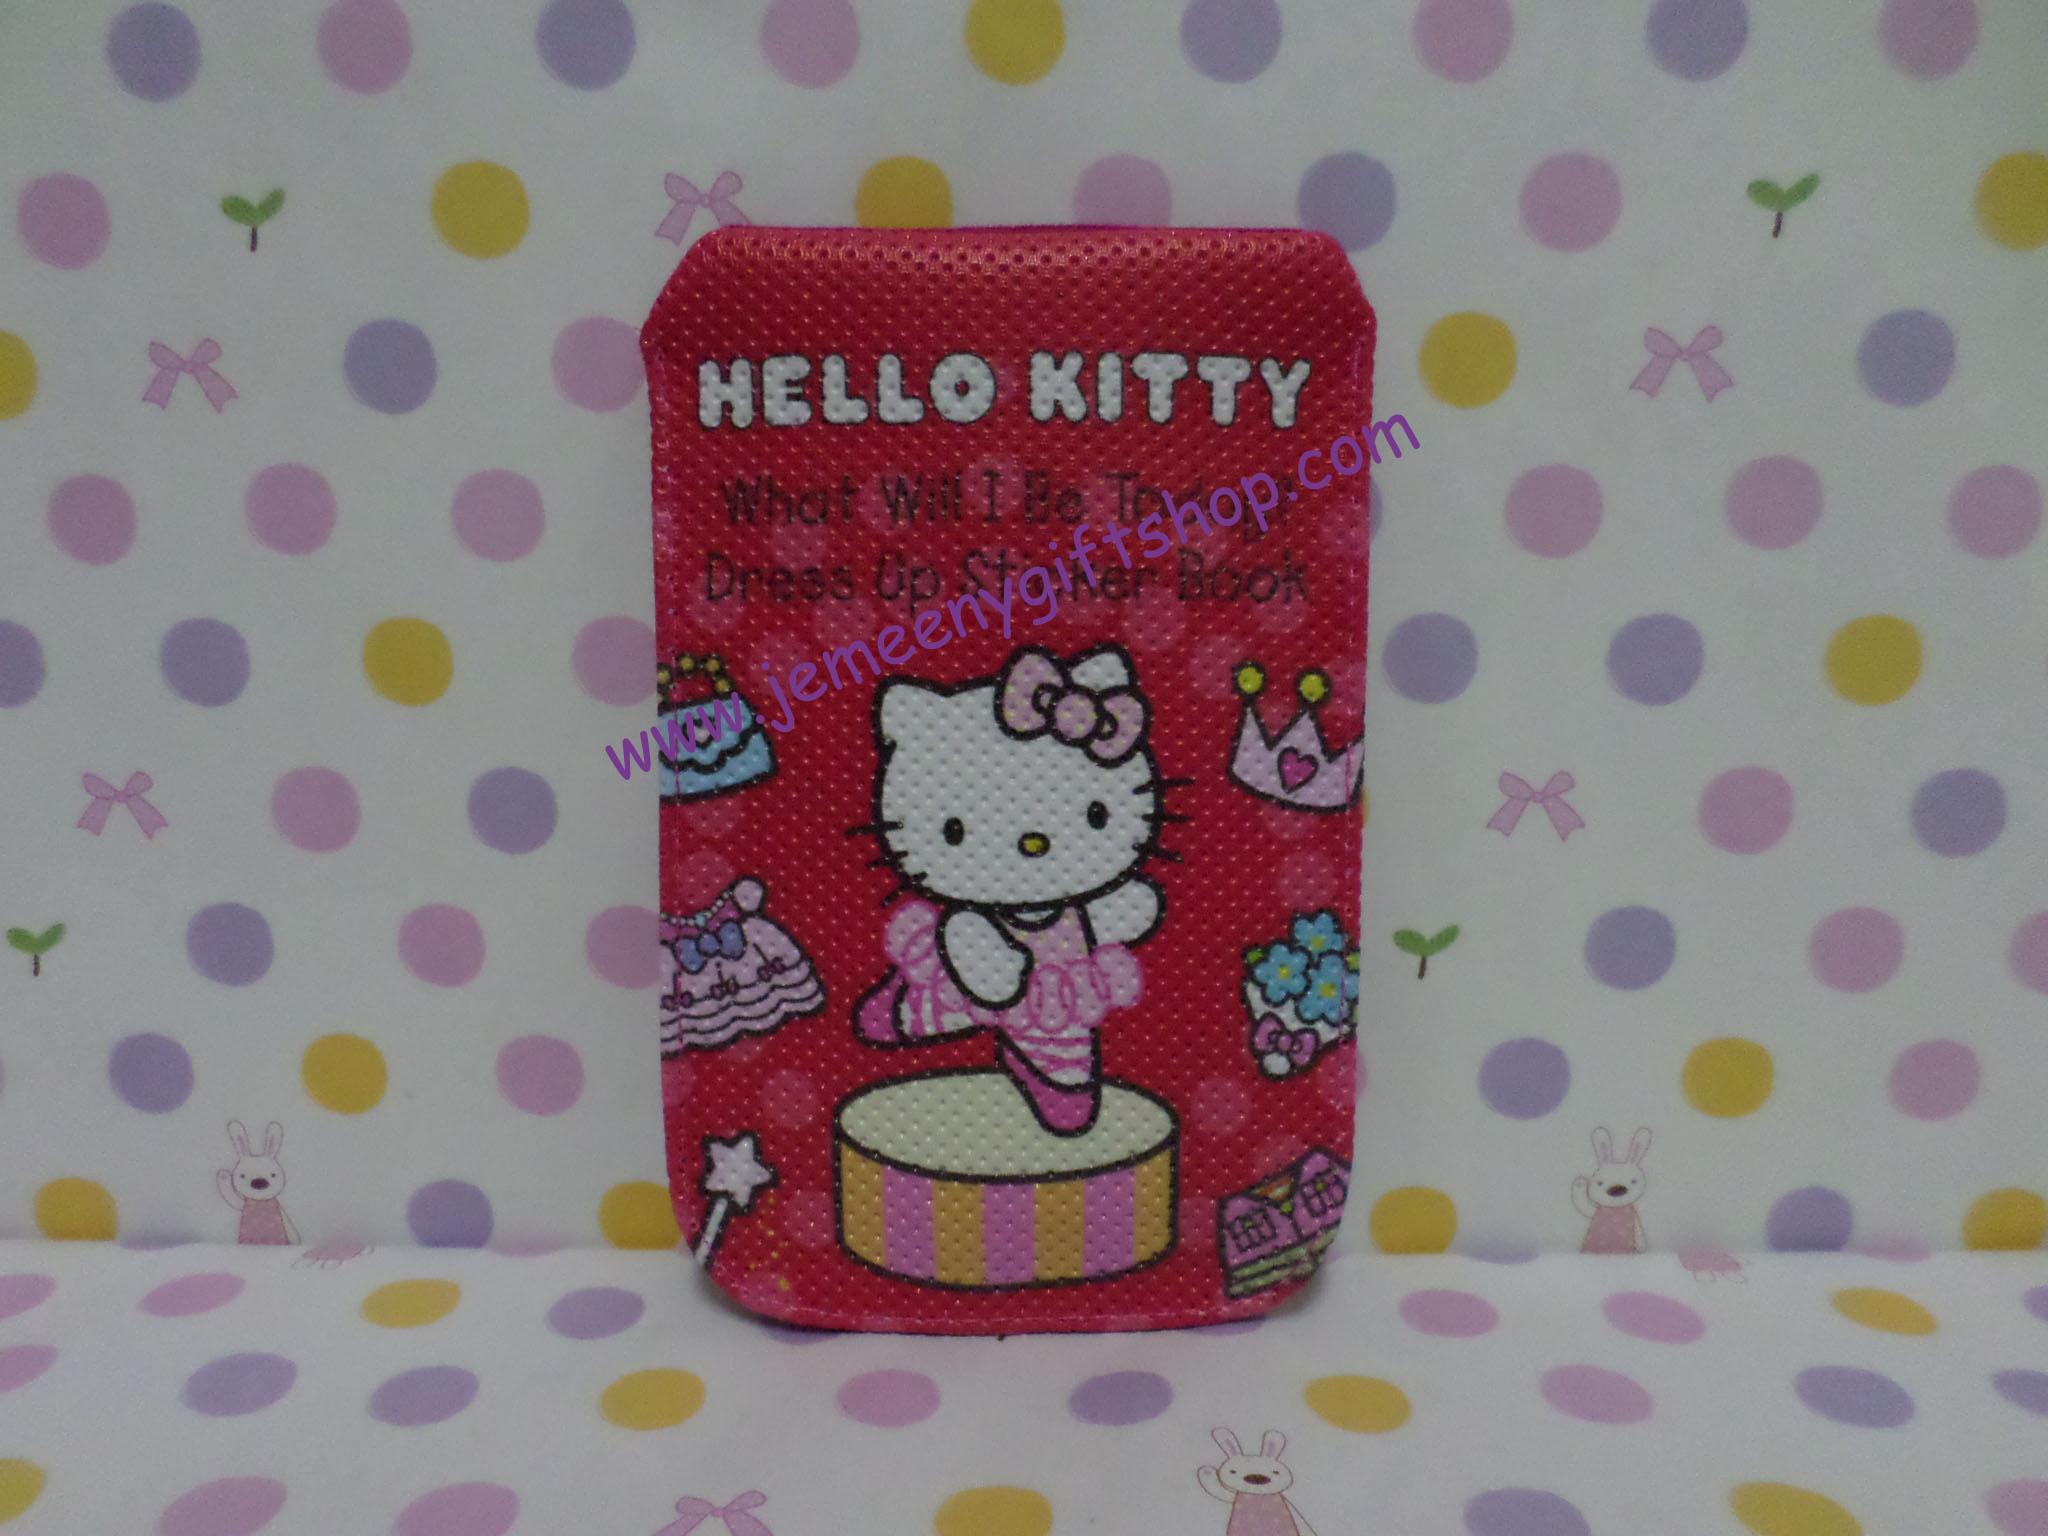 ซองหนังใส่โทรศัพท์มือถือ ฮัลโหลคิตตี้ Hello kitty#2 ขนาดยาว 8 ซม. * สูง 13 ซม. พิมพ์ลายคิตตี้โบว์ชมพูเต้นบัลเล่ พื้นชมพูเข้ม